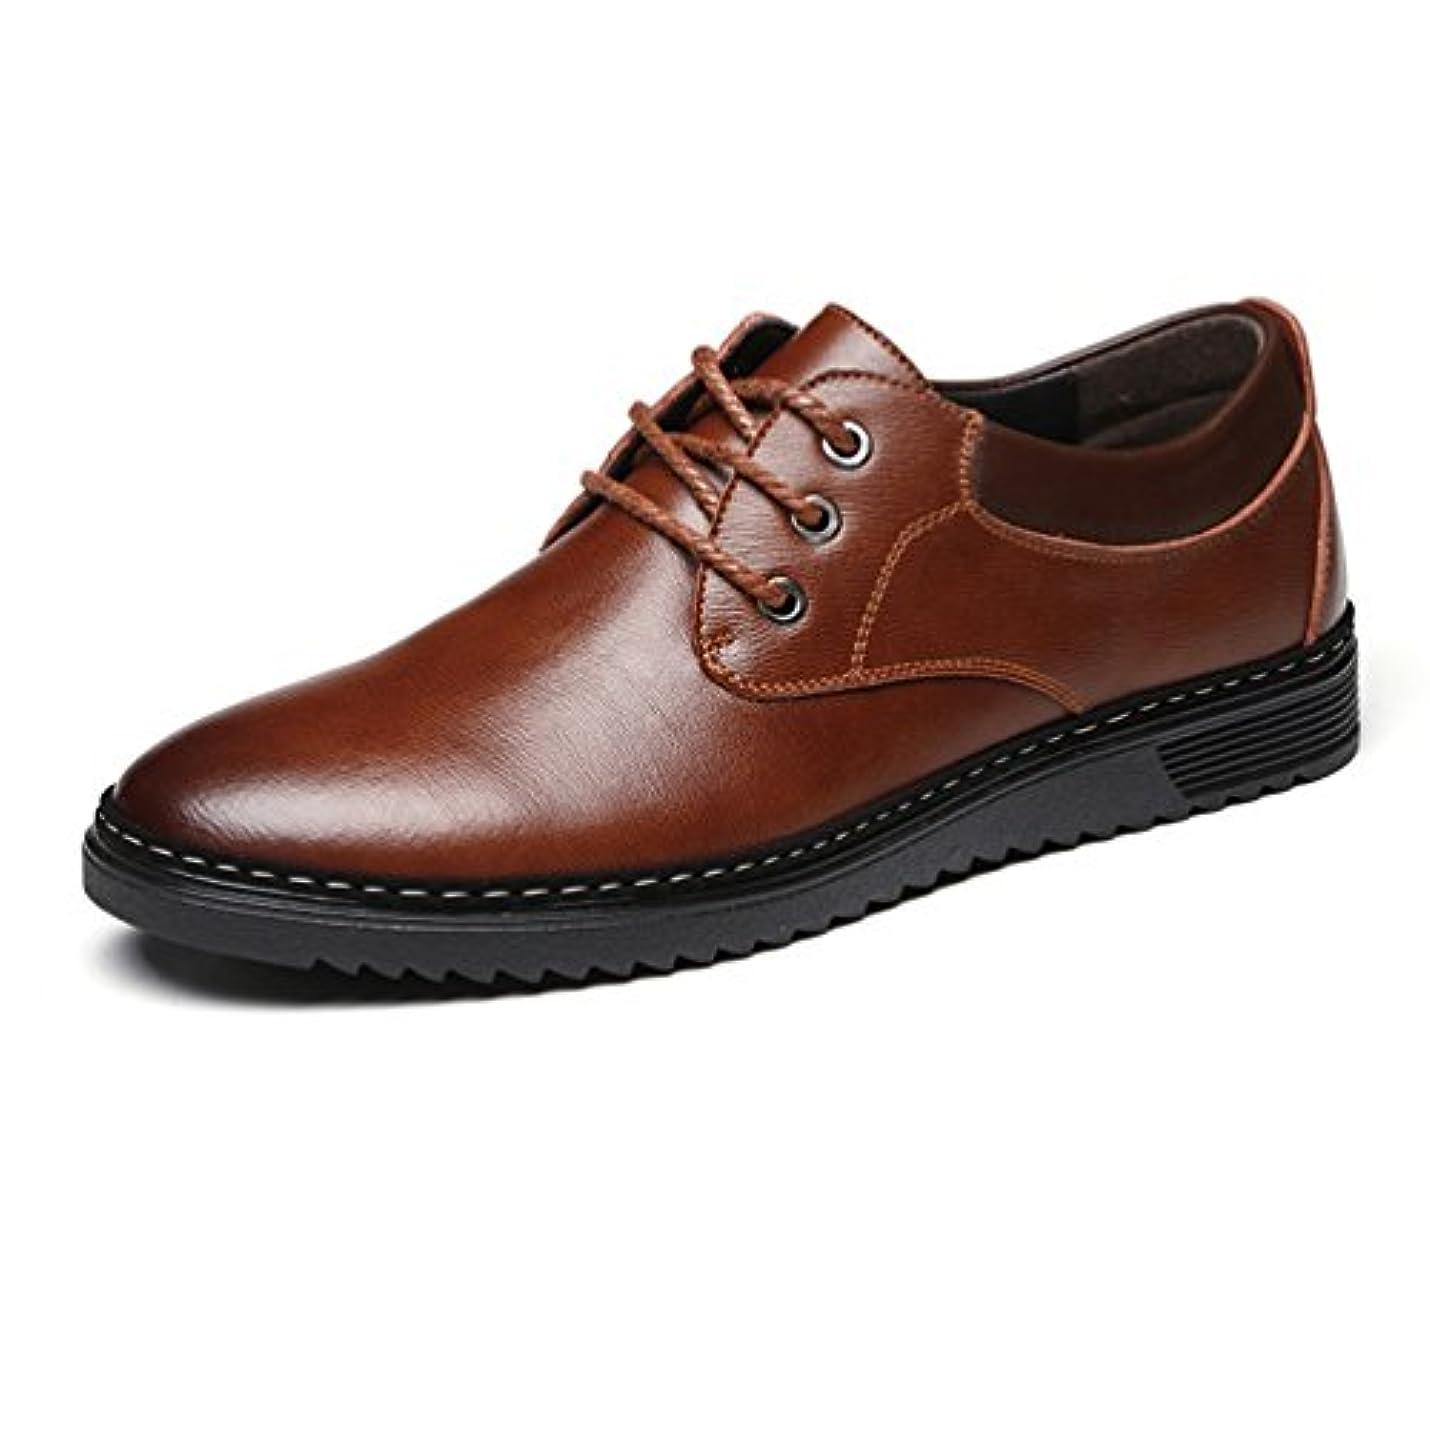 国おしゃれな聴覚障害者ビジネスシューズ メンズ 革靴 レースアップ カジュアルシューズ ウォーキング 通気 通勤 厚底靴 柔らかい 夏用 デッキシューズ ローカット 紳士靴 オールシーズン 軽量 透湿 防滑 ブラック ブラウン